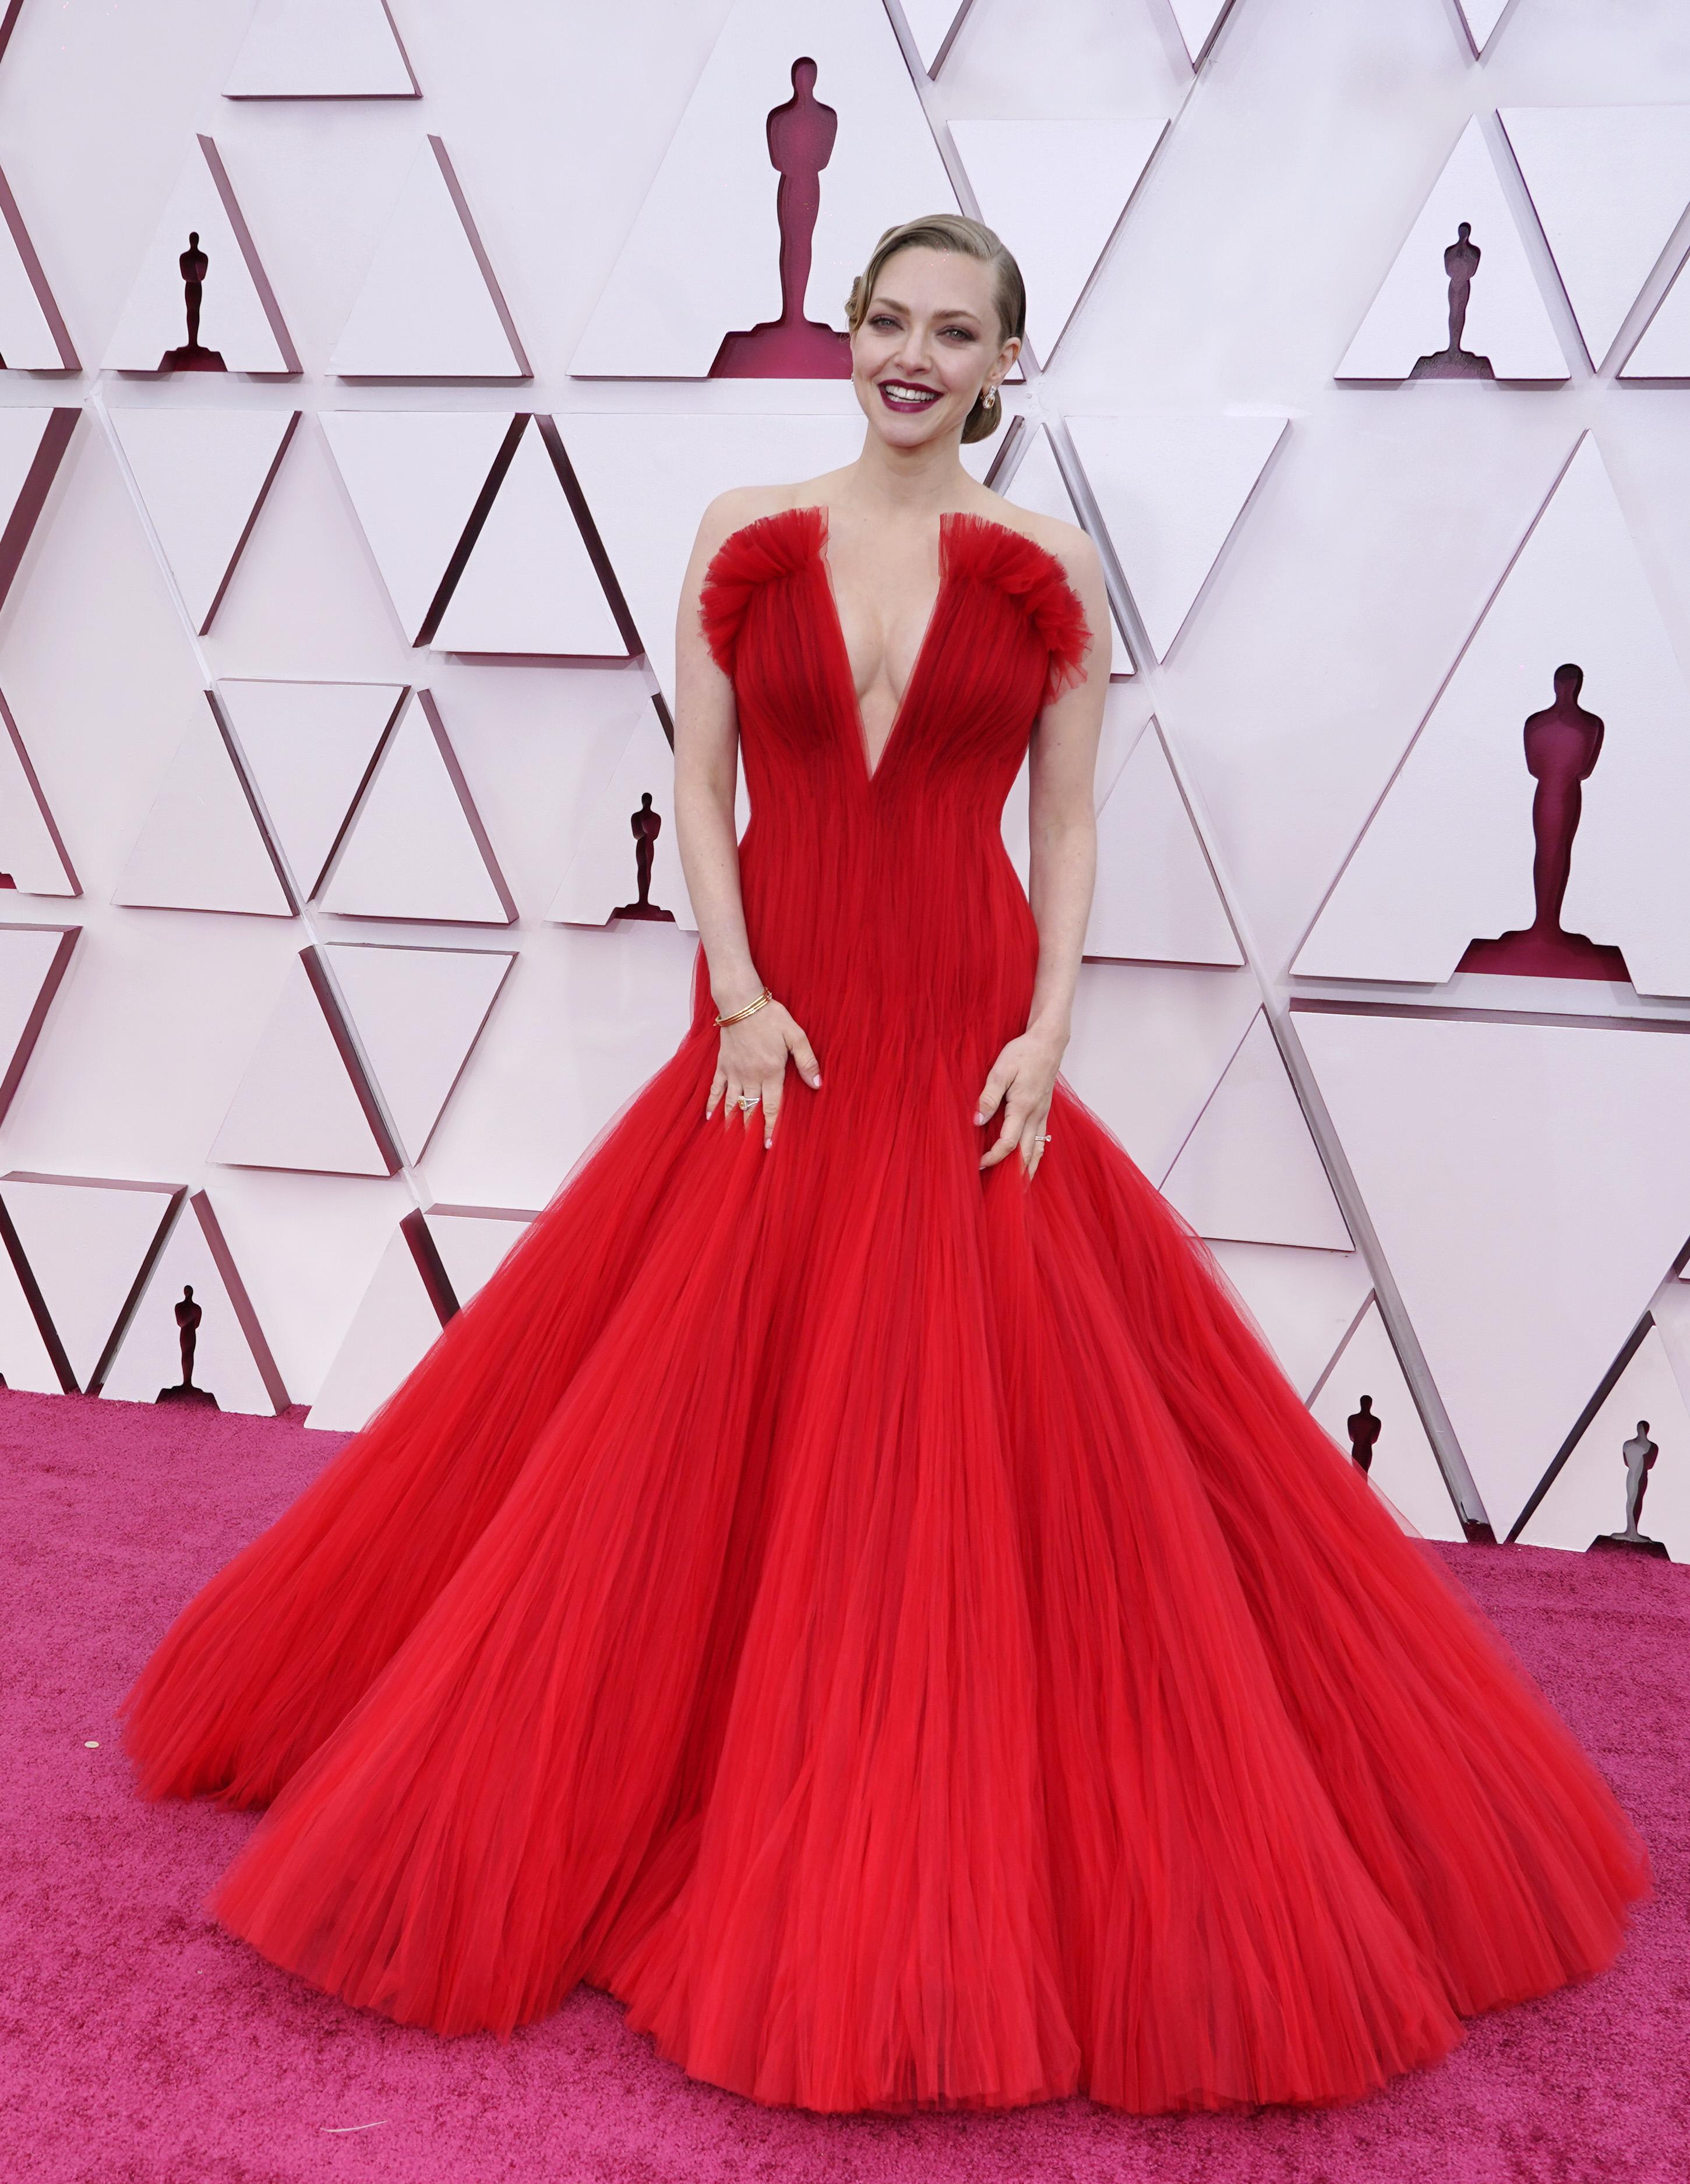 Amanda é uma mulher branca, loira. Ela usa um vestido vermelho com volume no decote, que desce em V até a barriga e saia volumosa